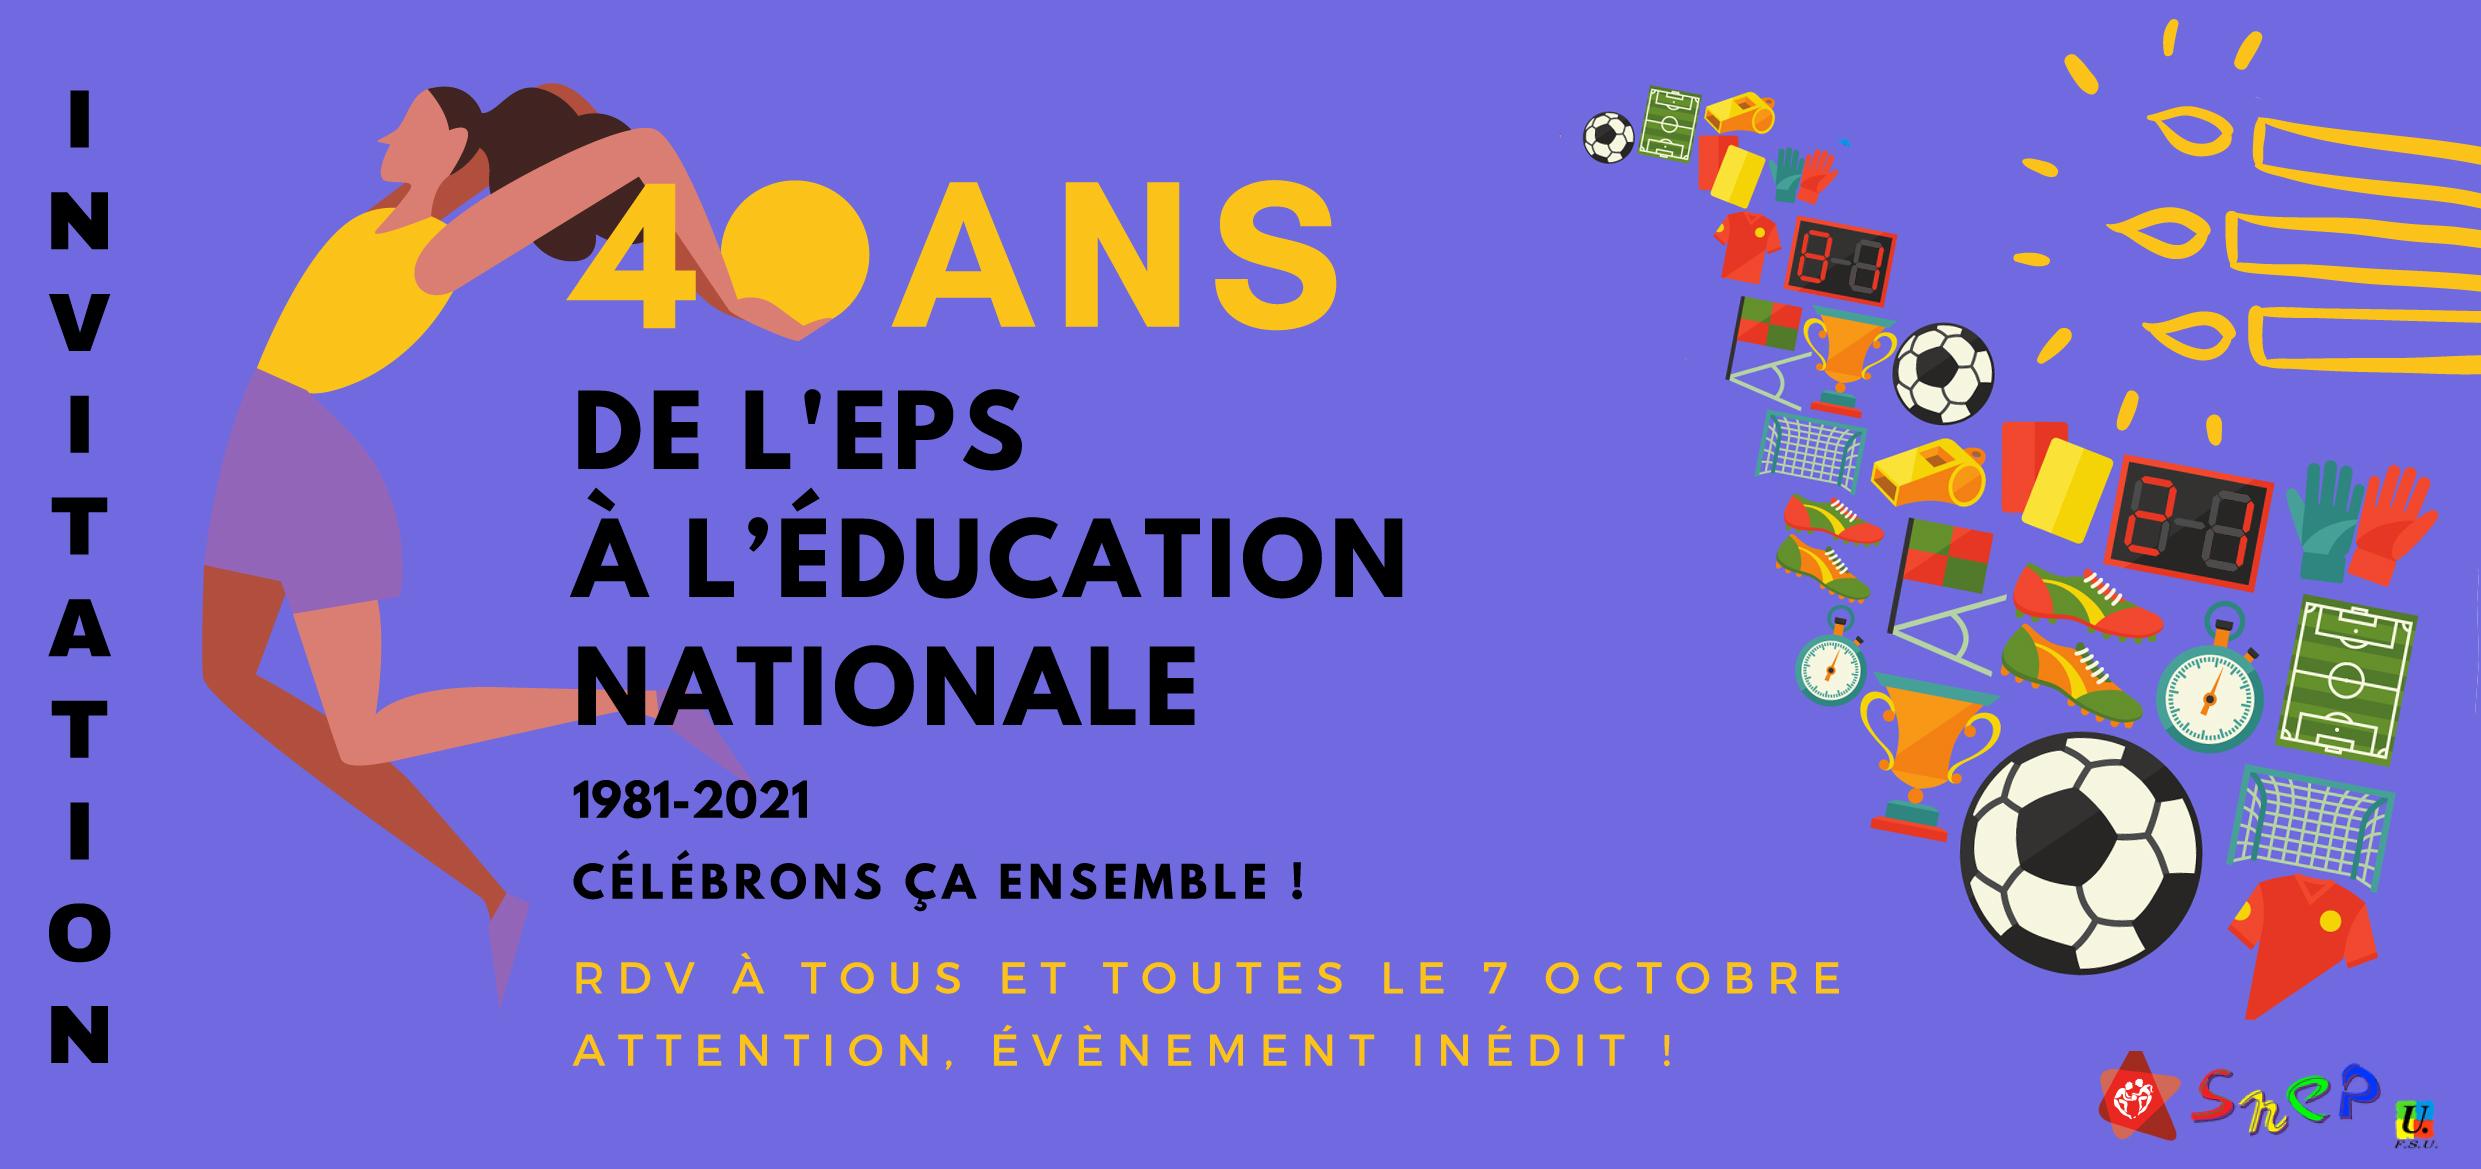 Jeudi 7 octobre, 40 ans de l'EPS au ministère de l'éducation nationale : participez en visio